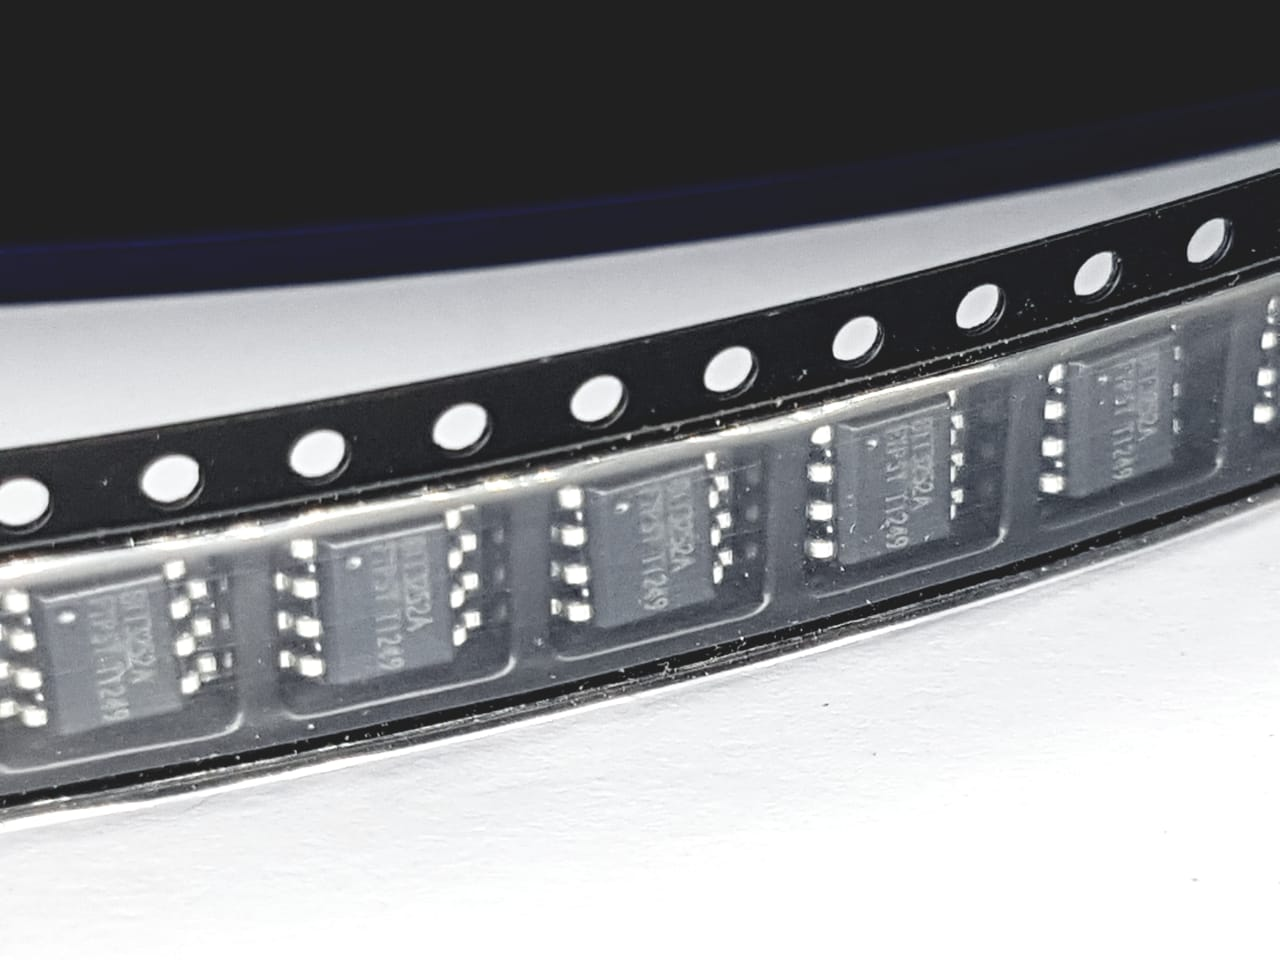 10 peças Circuito Integrado LEED DRIVER BIT3252A SOP8 monitor